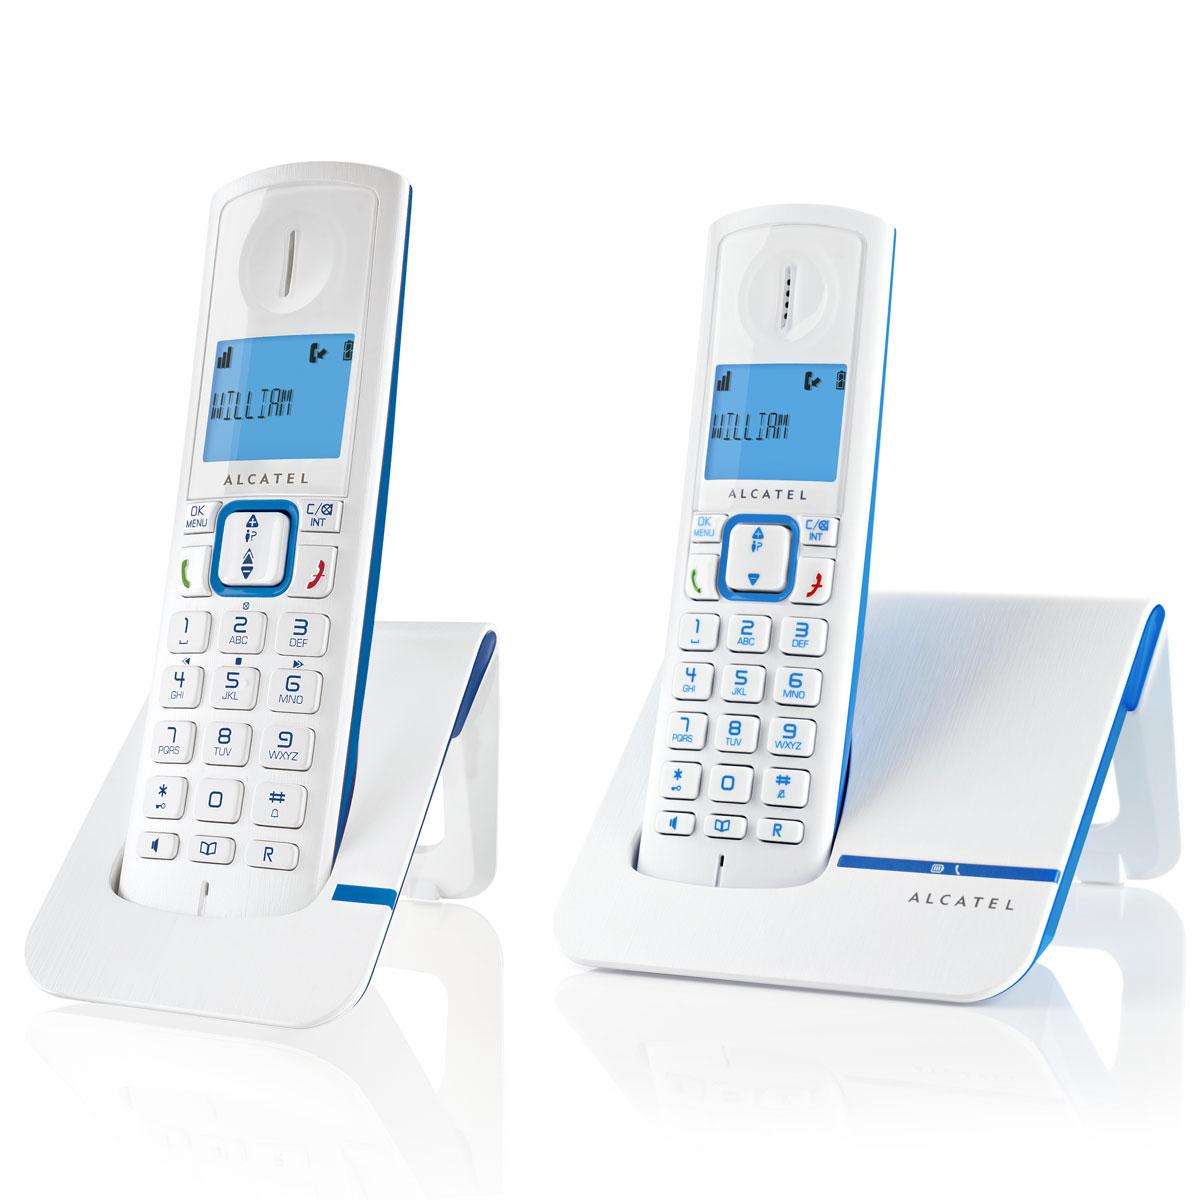 Téléphone sans fil Alcatel Versatis F230 Duo Bleu Téléphone DECT sans fil (version française)